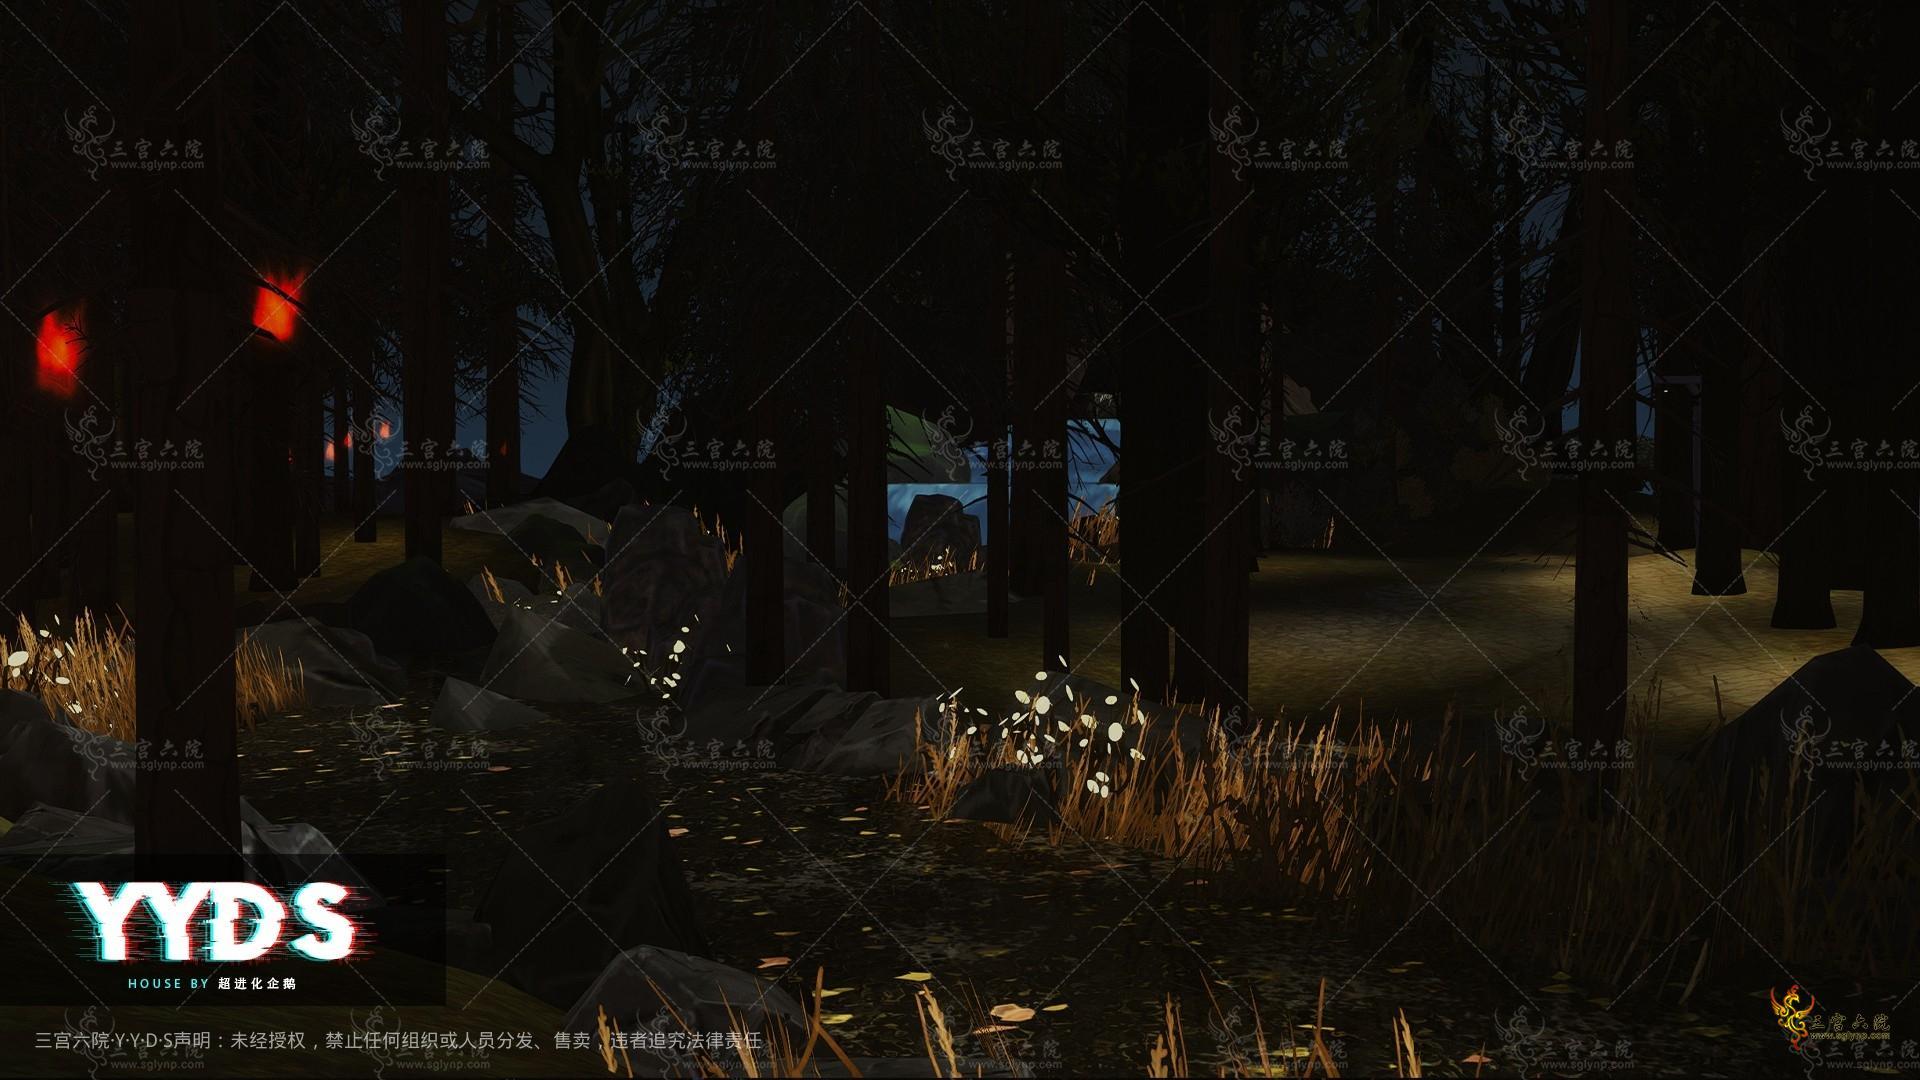 森林河畔2.jpg